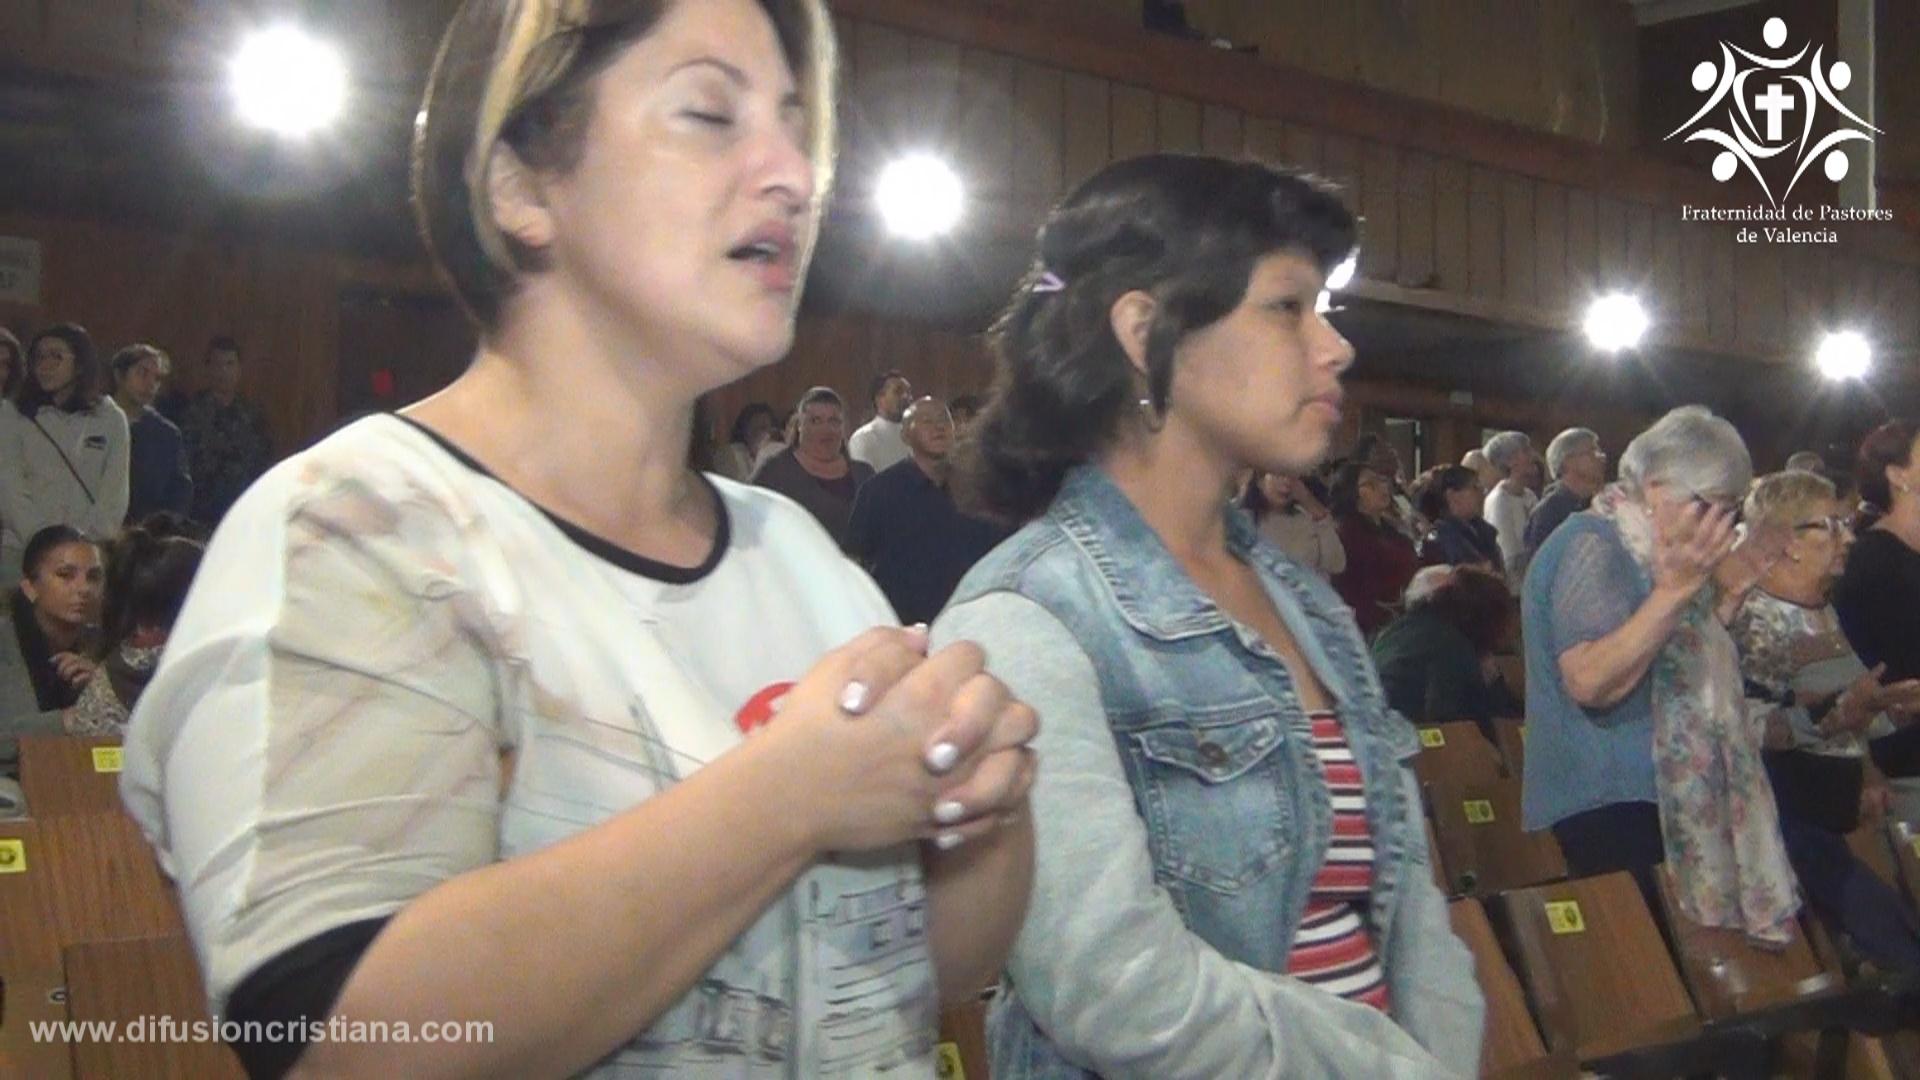 culto_unido_fraternidad_pastores_valencia_61